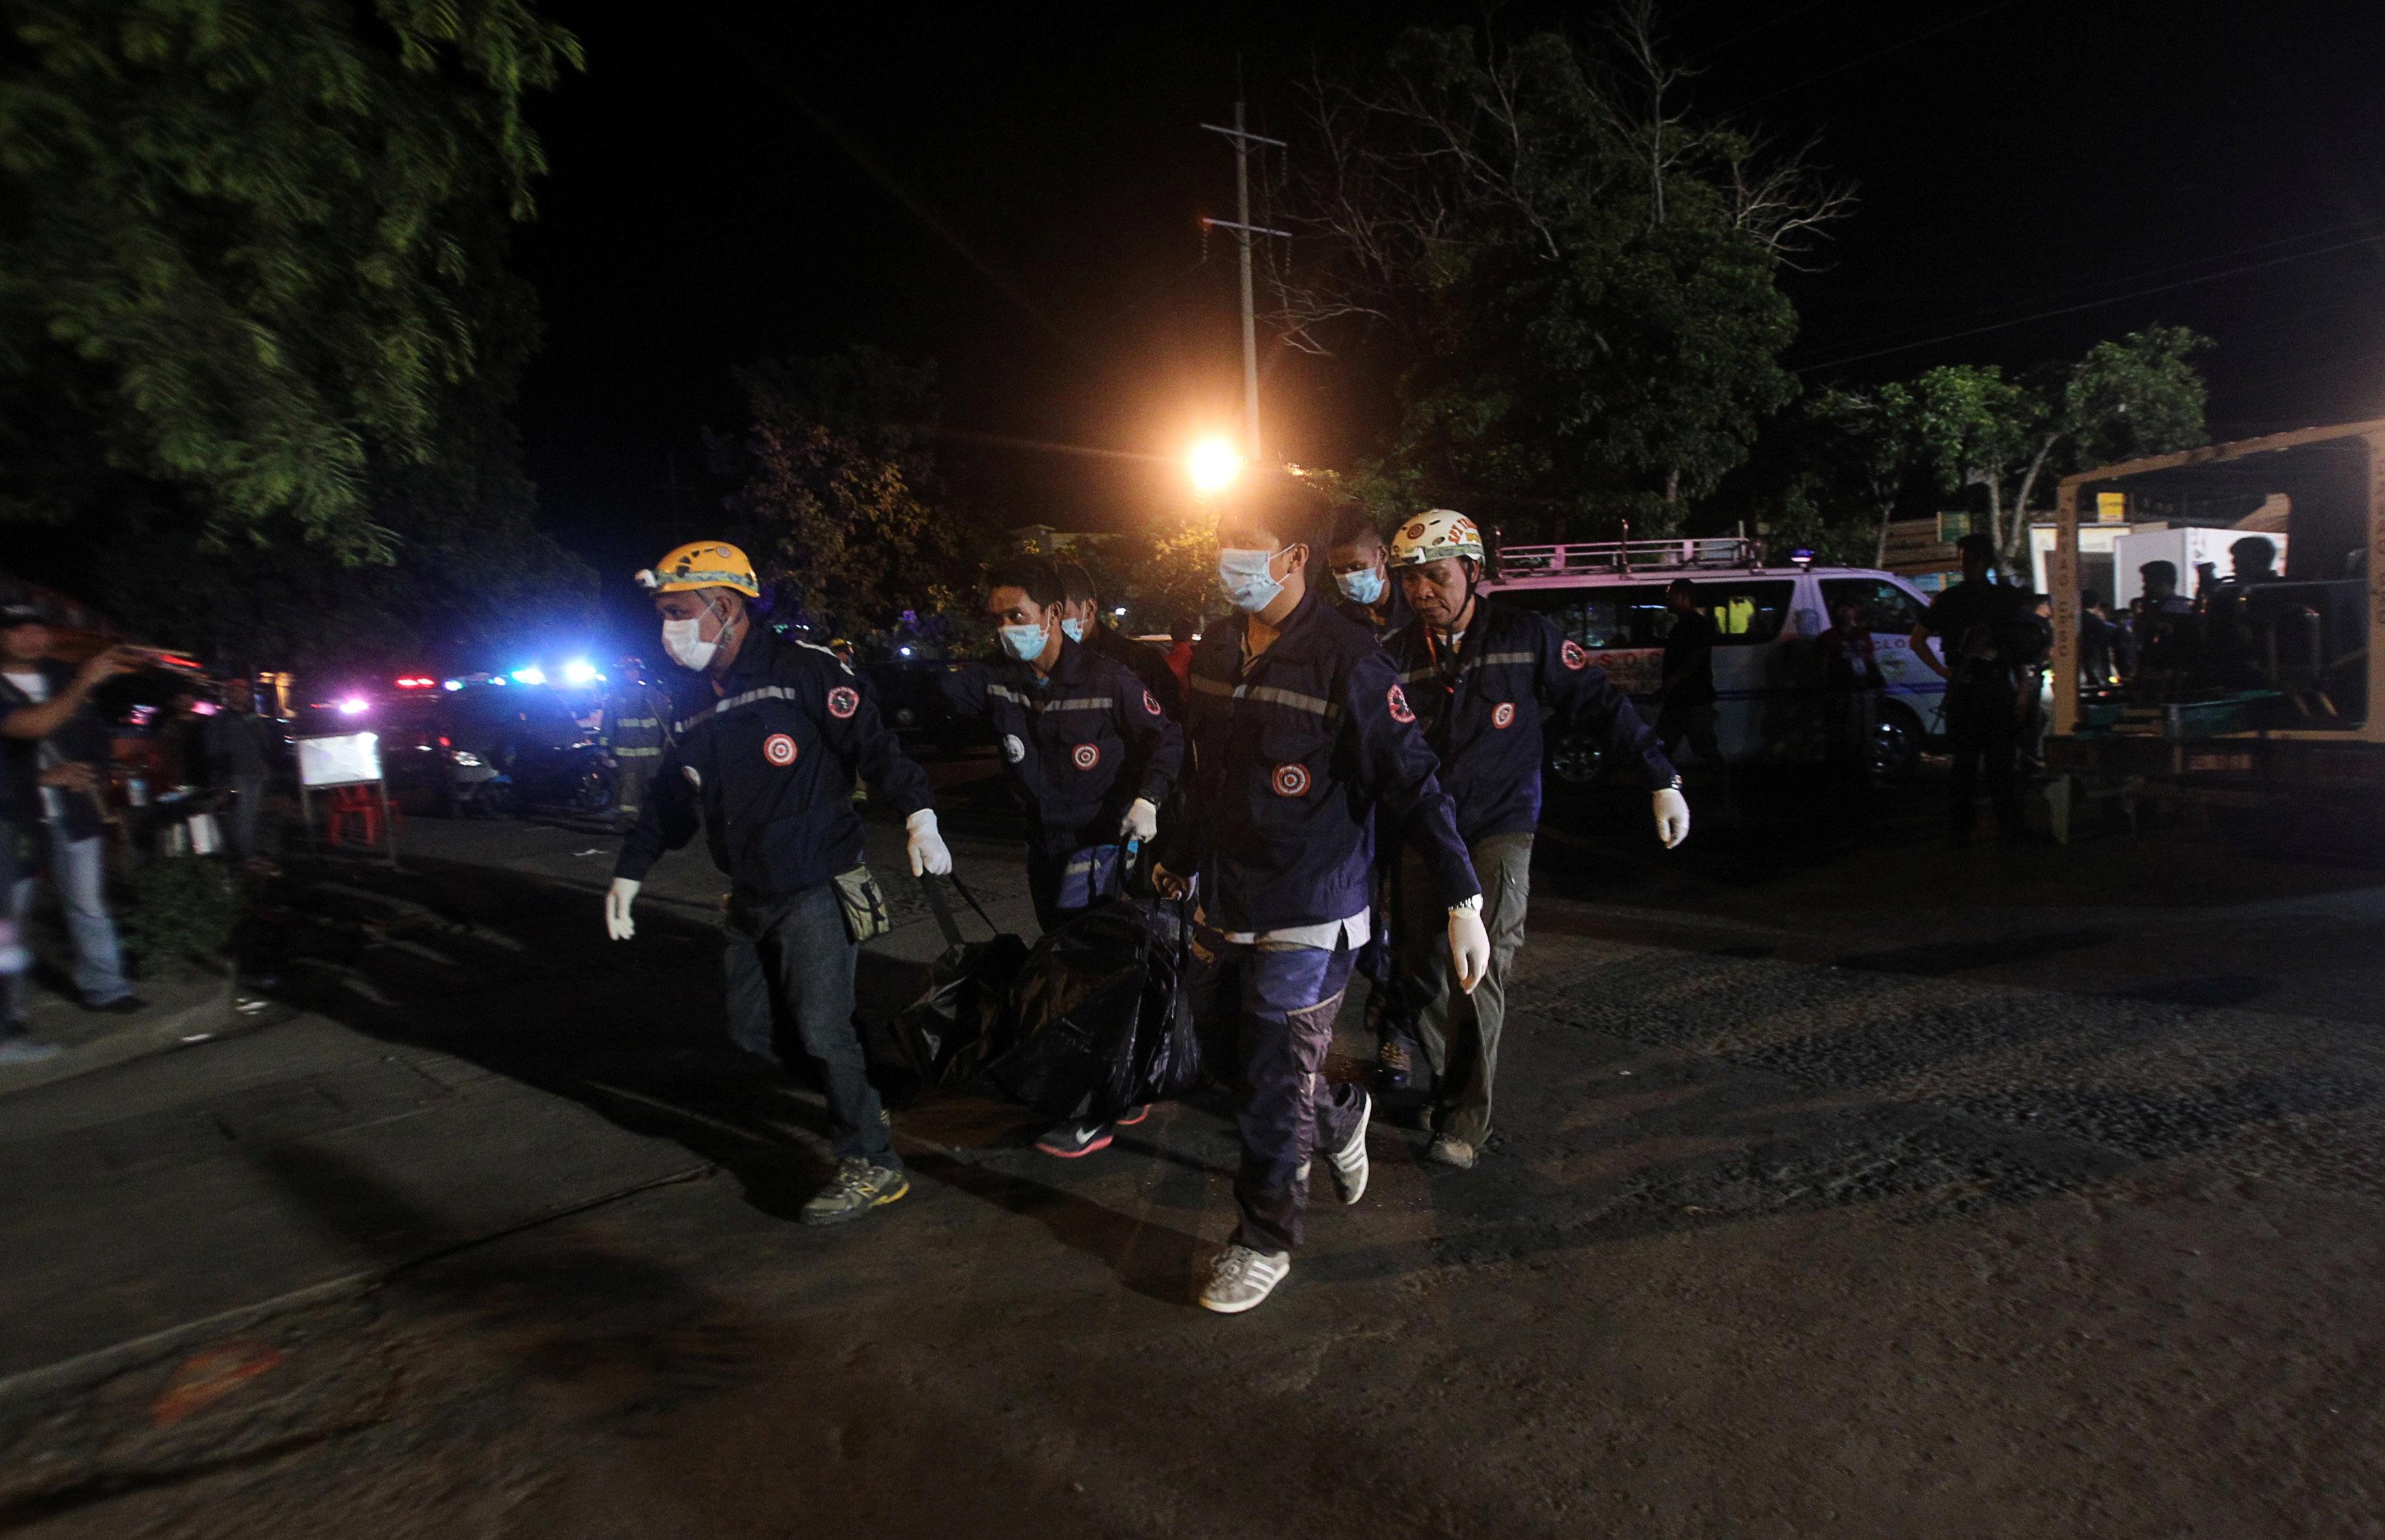 Cảnh sát vẫn đang tiếp tục điều tra nguyên nhân vụ nổ. Một số quan chức cảnh sát cho biết nhiều khả năng đây là một vụ nổ bom.